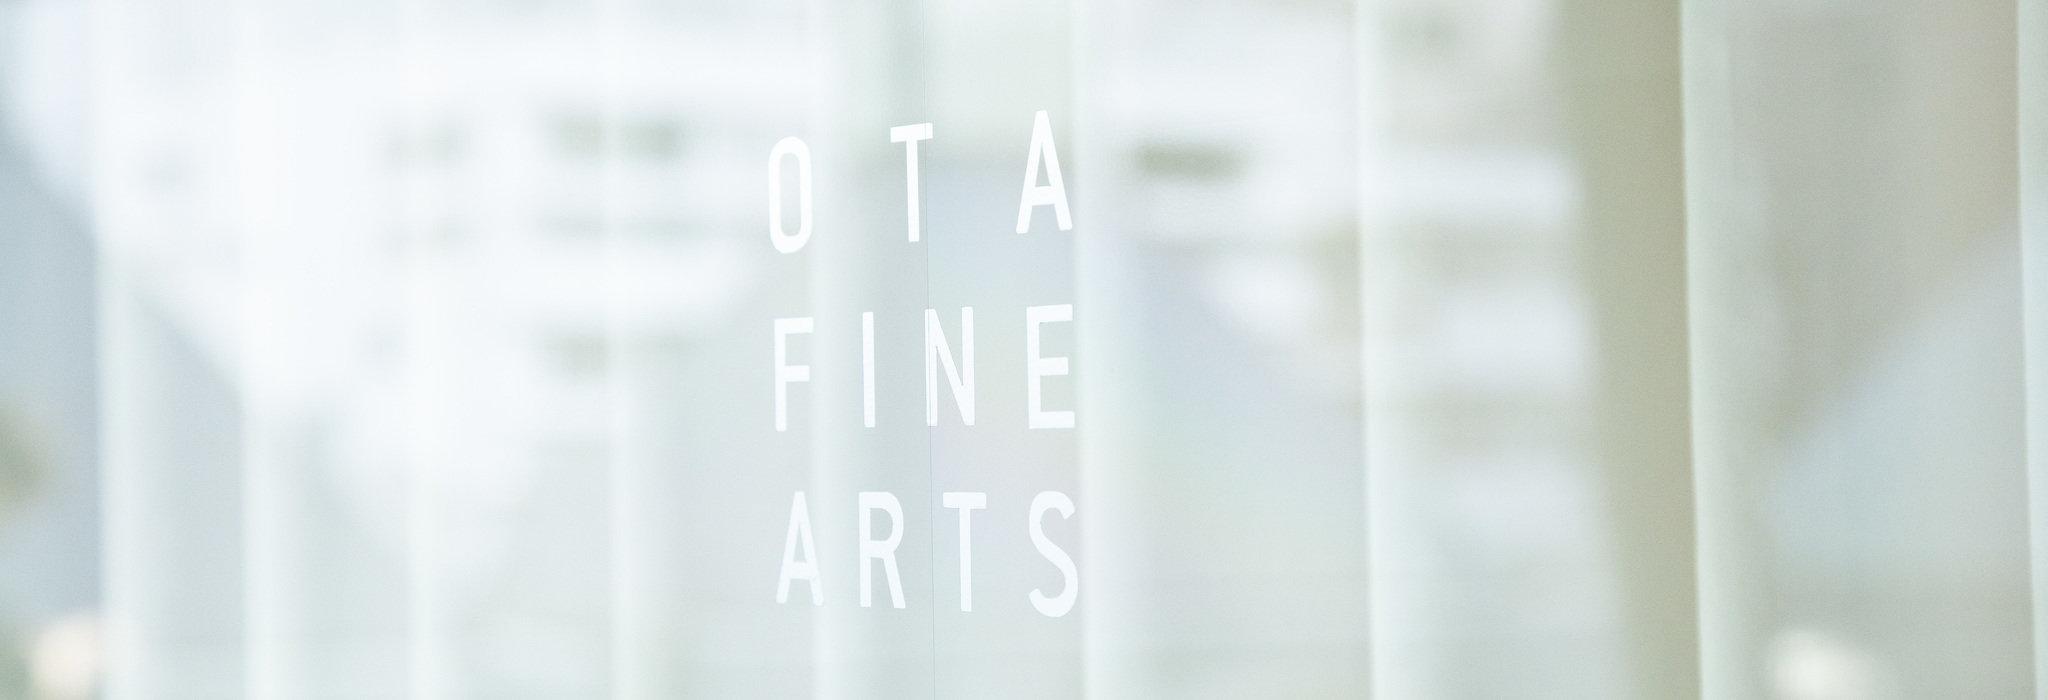 アジアから世界へ。挑戦を続けるオオタファインアーツが見る世界の景色_image